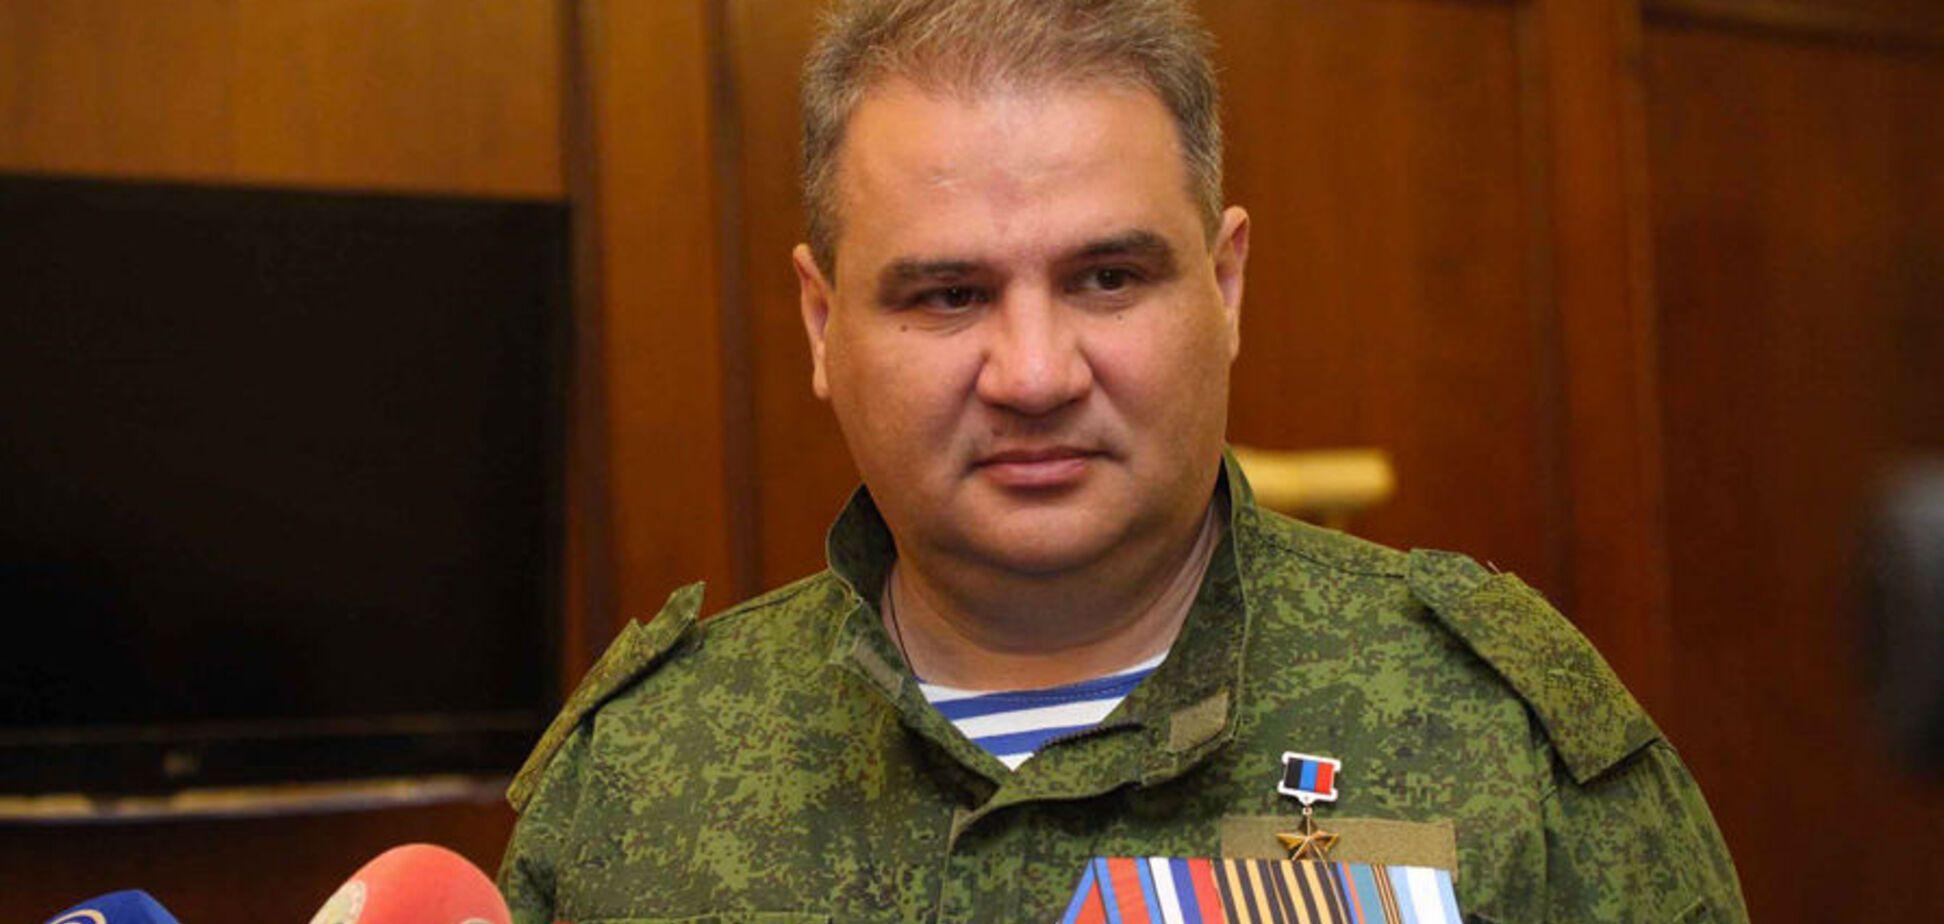 'Скажений ліфт': озвучена нова версія замаху на ватажка 'ДНР'